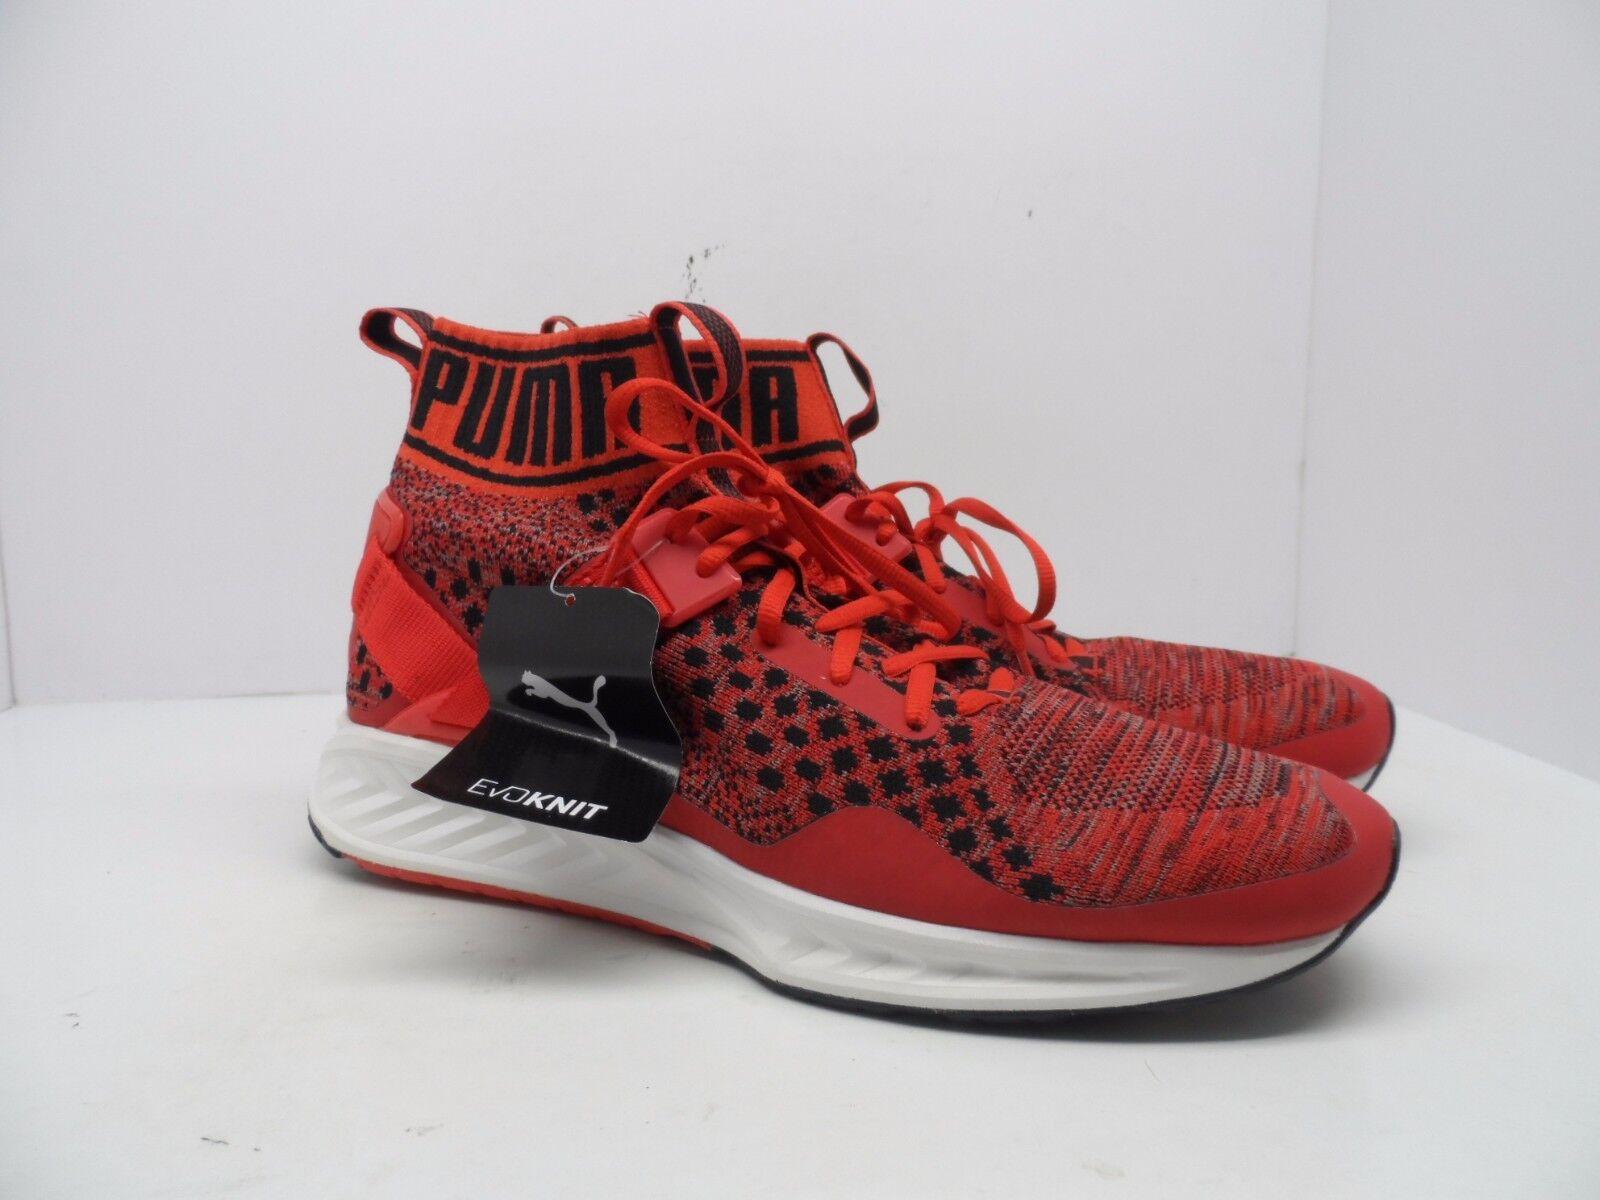 Puma hombre Ignite negro evoknit zapatillas rojo / negro Ignite / blanco cómodo 9247f3